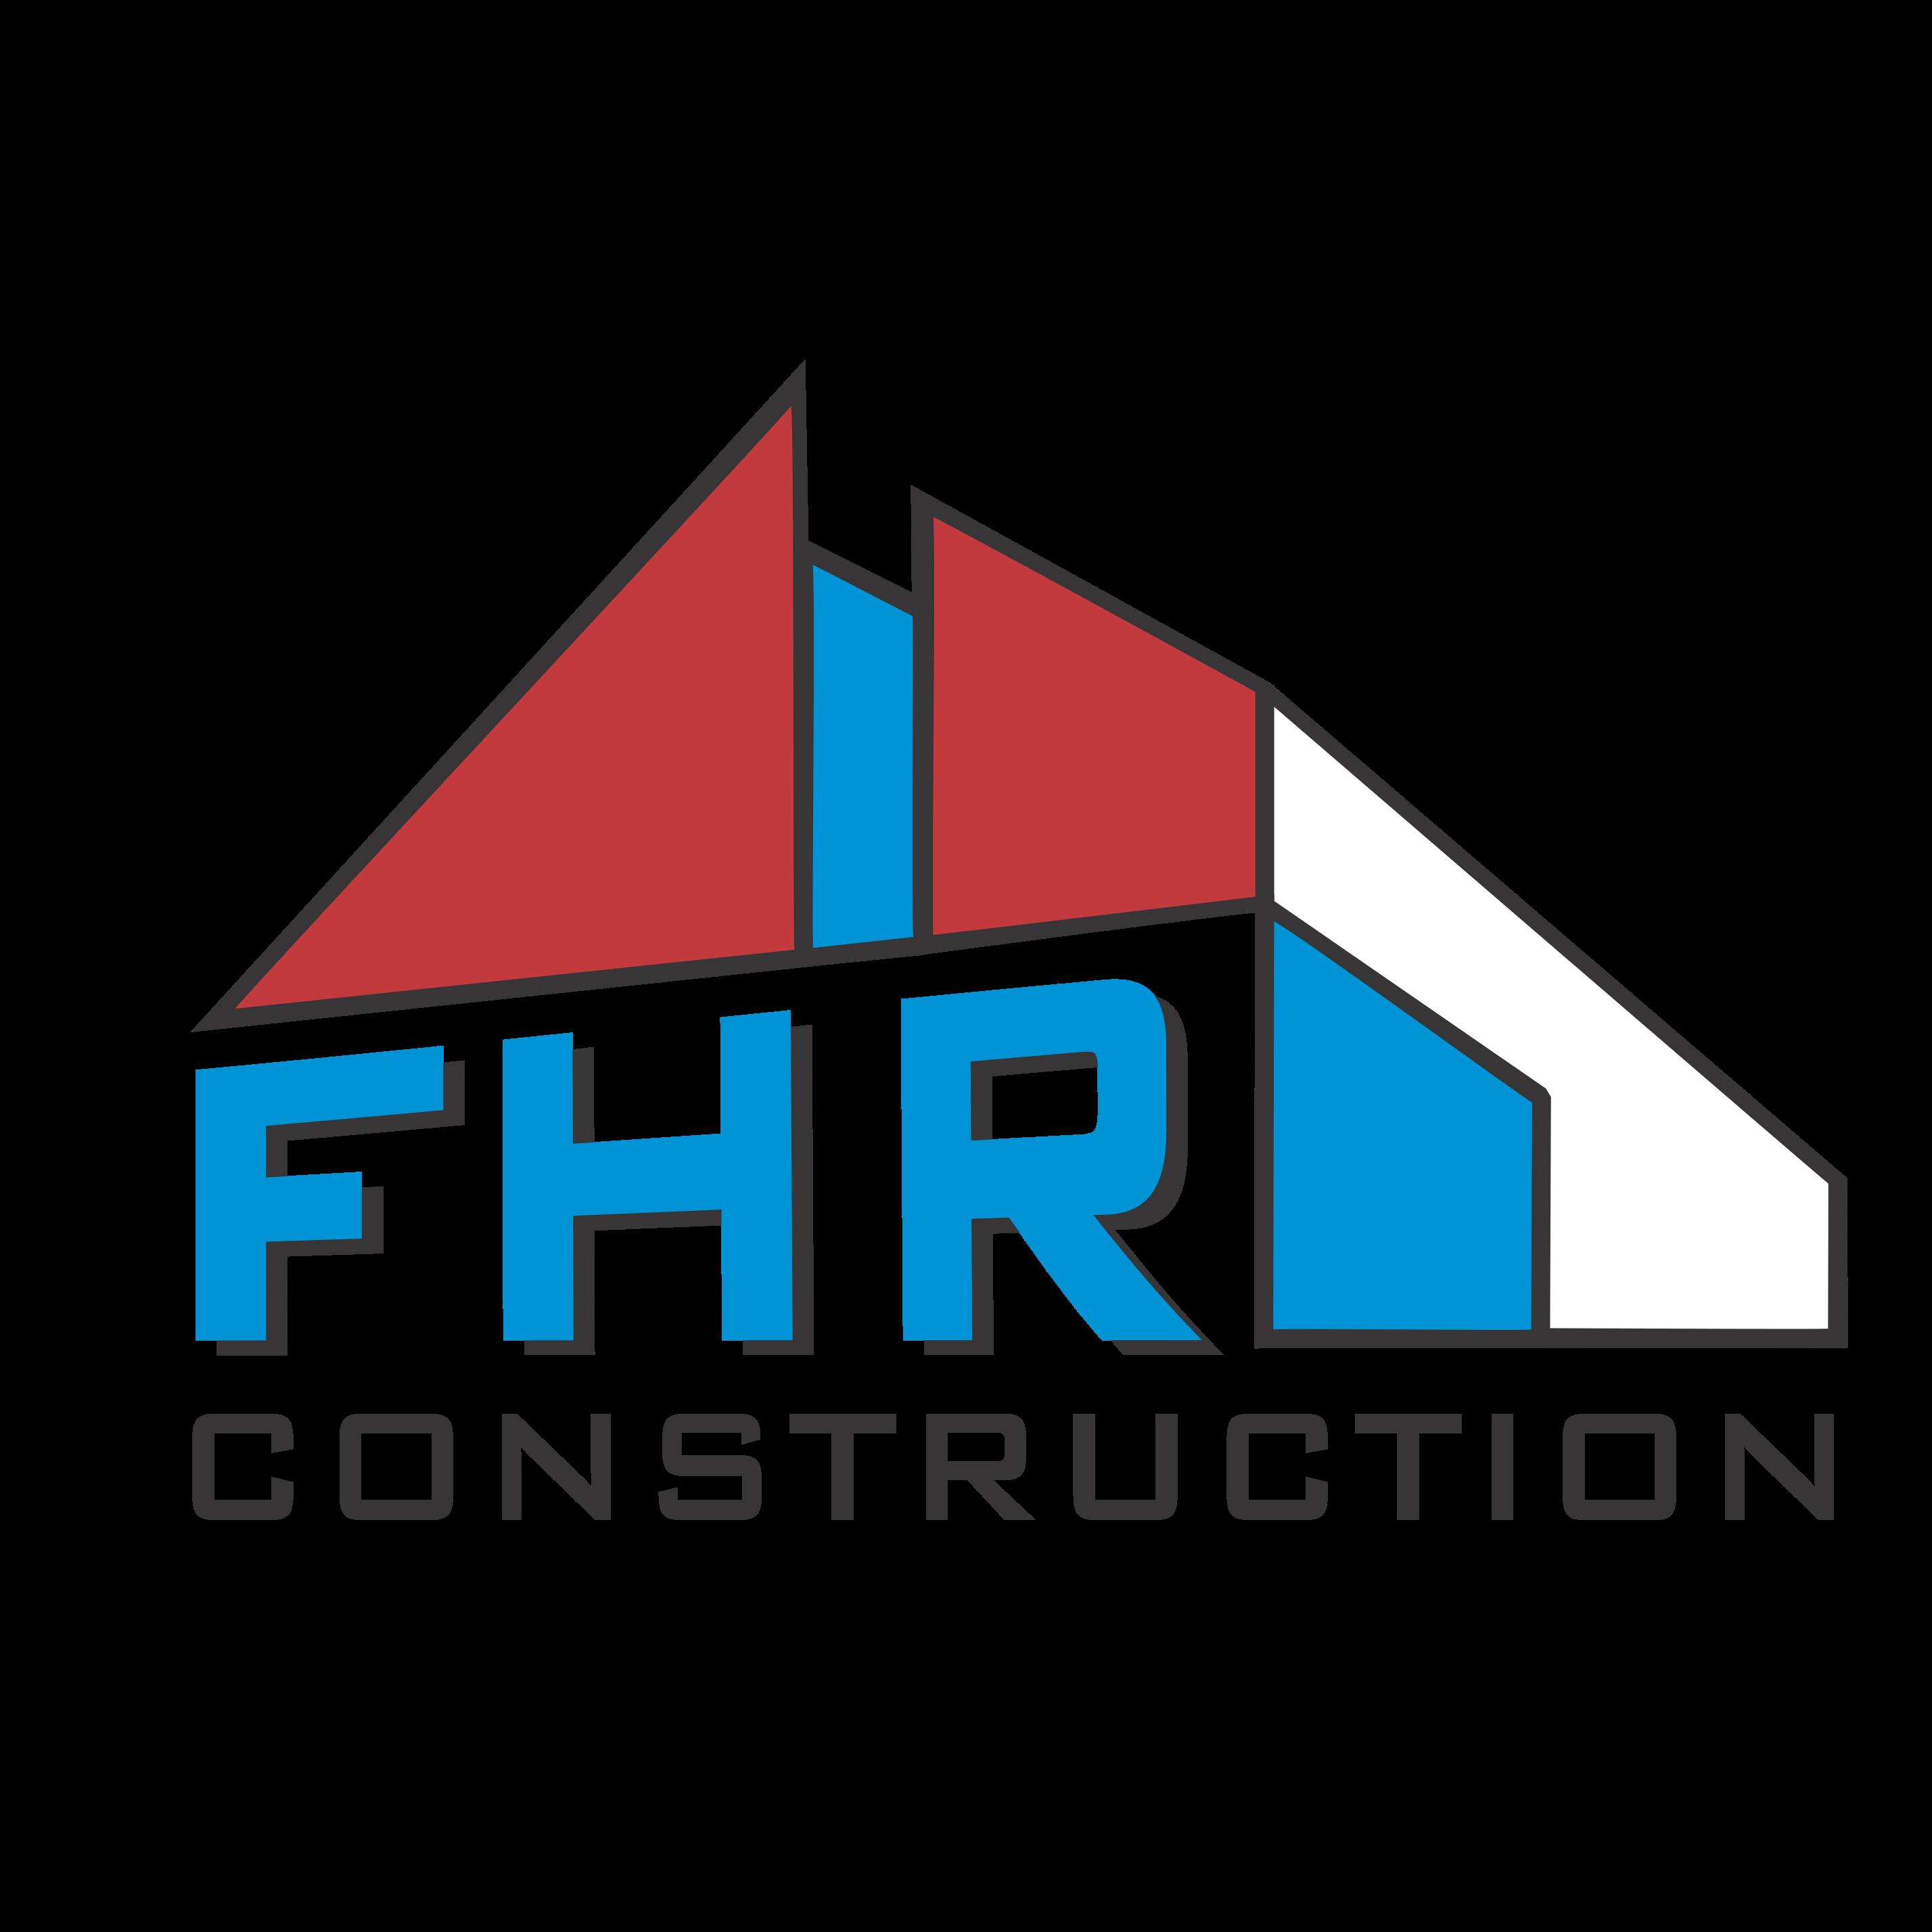 FHR Construction Corp